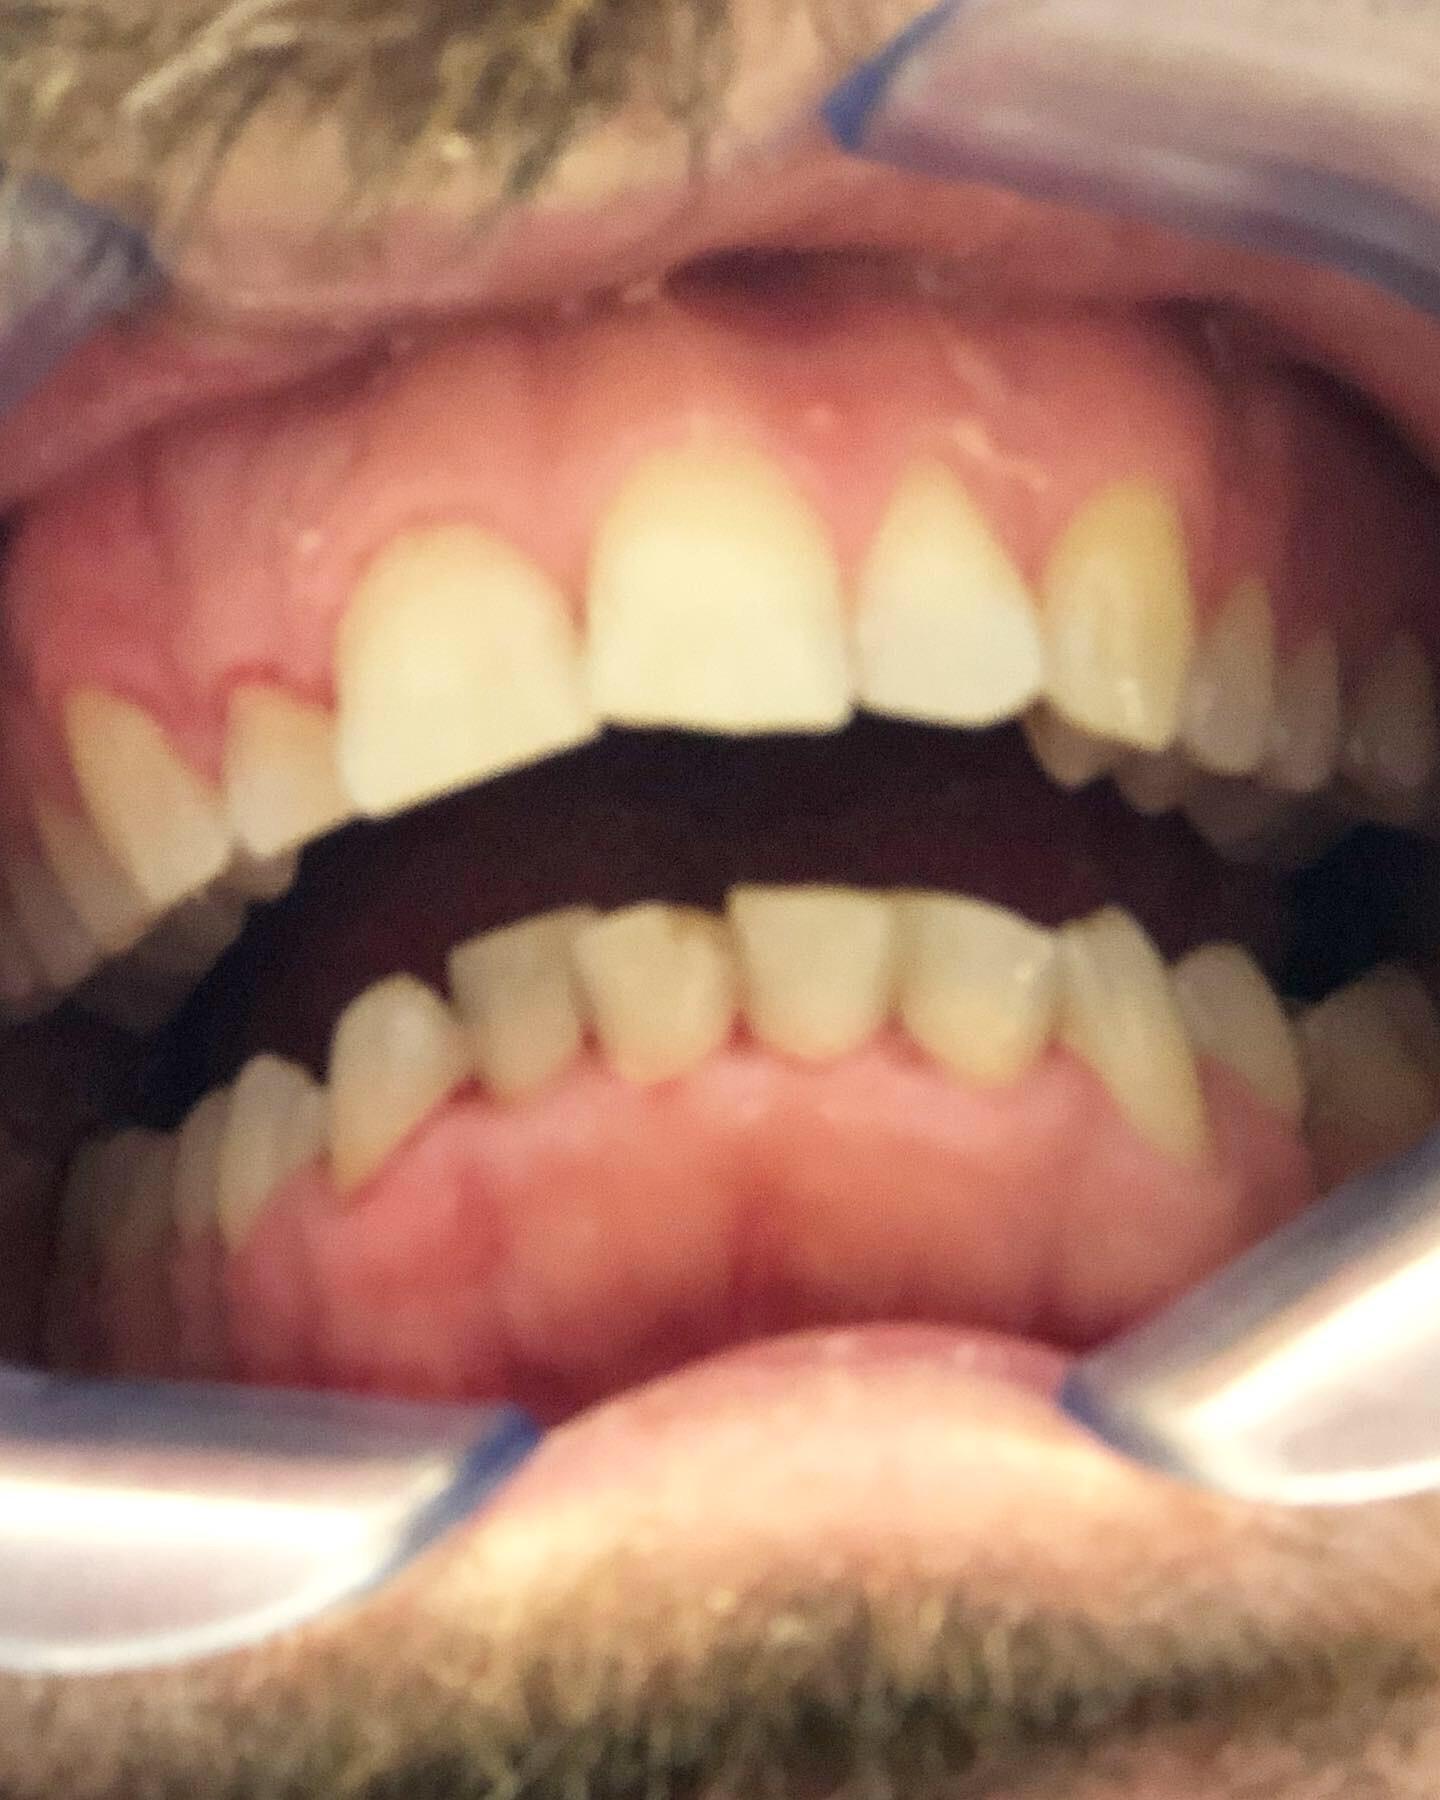 Después del dentista - Con las herramientas adecuadas, todo es posible…